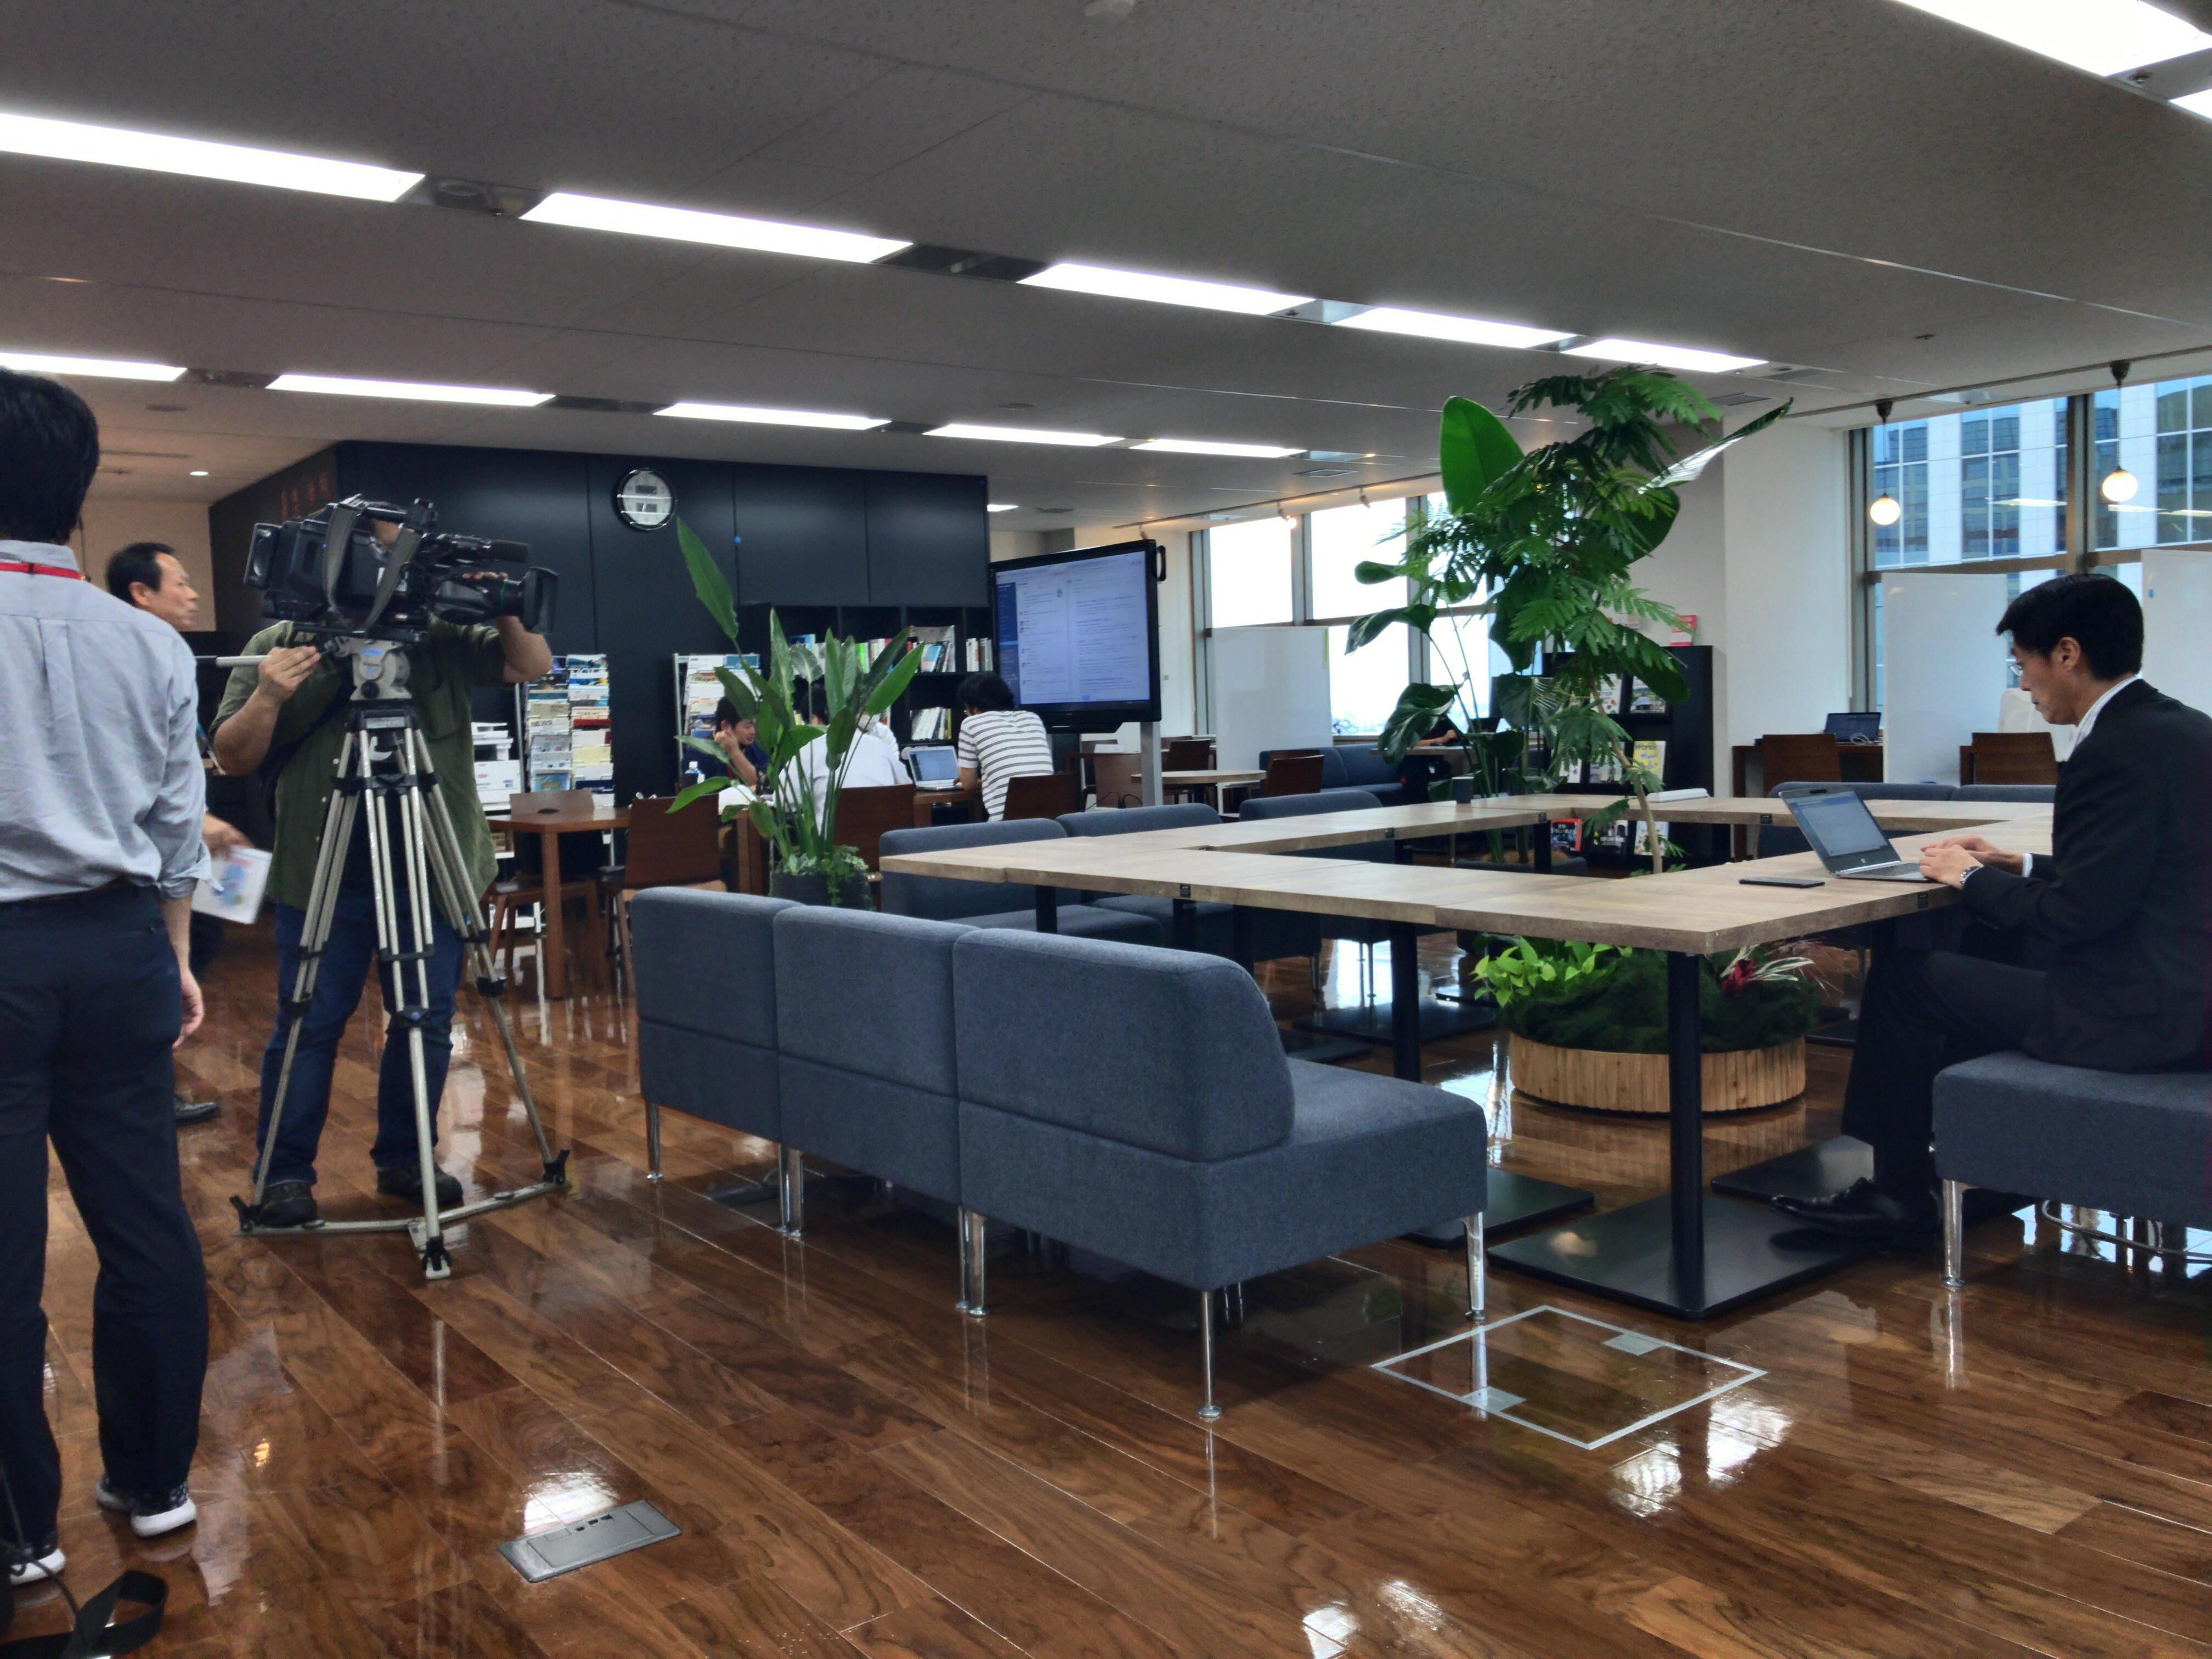 【9/6(水)放映予定】テレビ東京「WBS(ワールドビジネスサテライト)」に取材いただきました